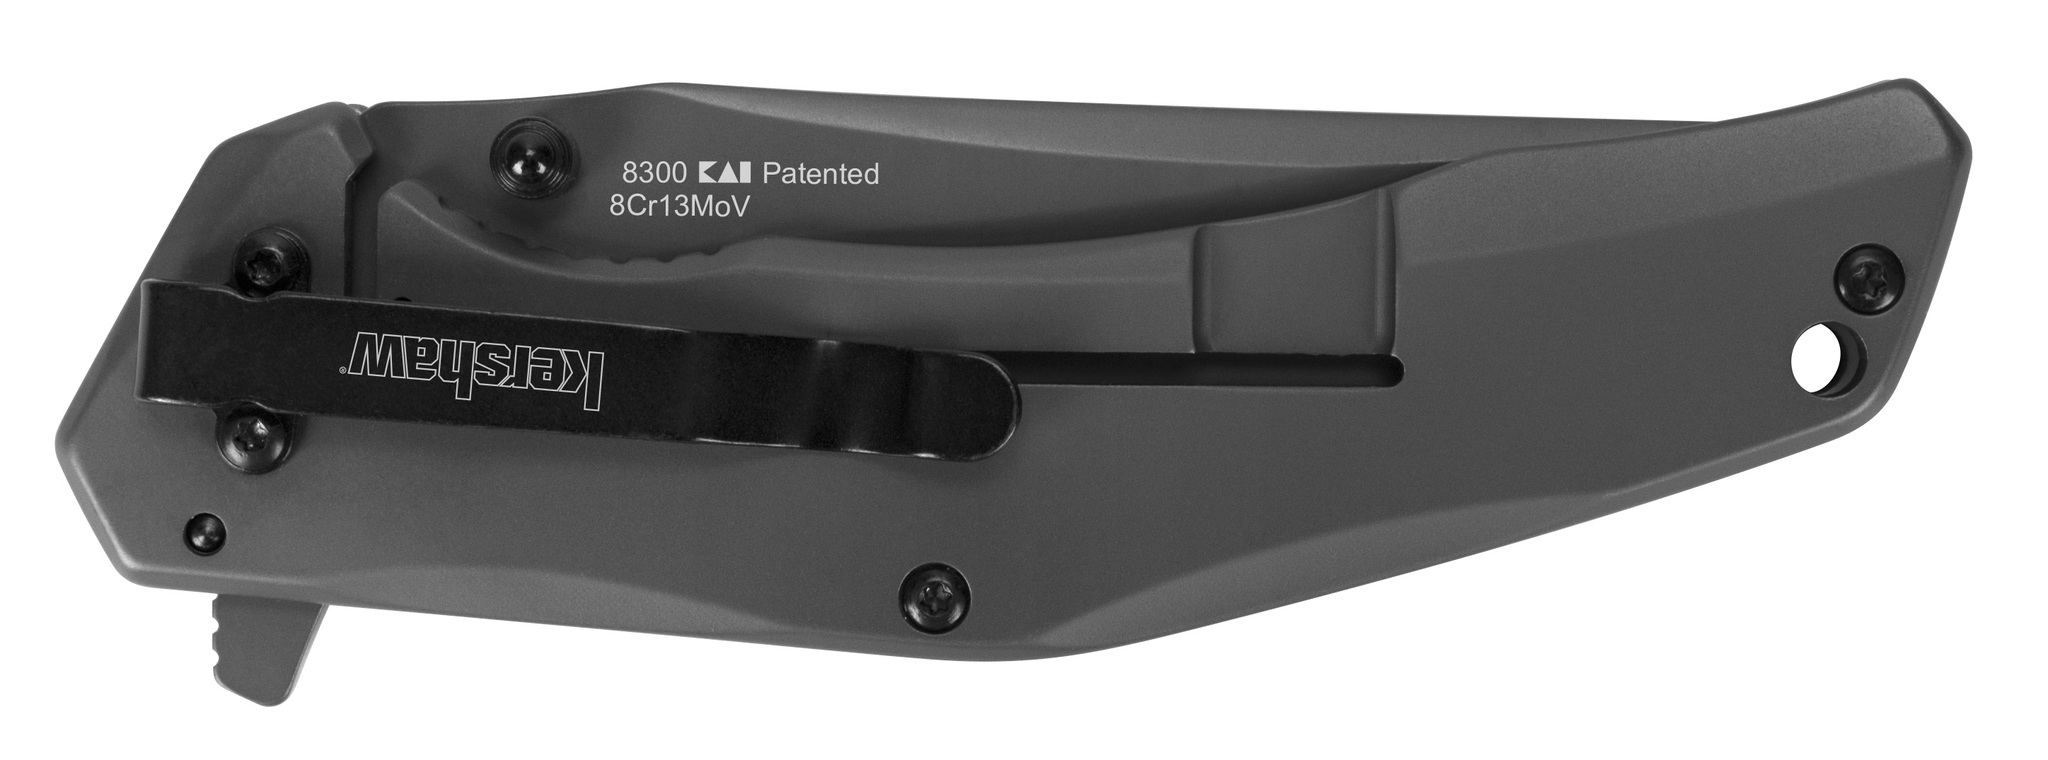 Фото 4 - Складной полуавтоматический нож Kershaw Duojet K8300, сталь 8Cr13MoV, рукоять нержавеющая сталь/карбон